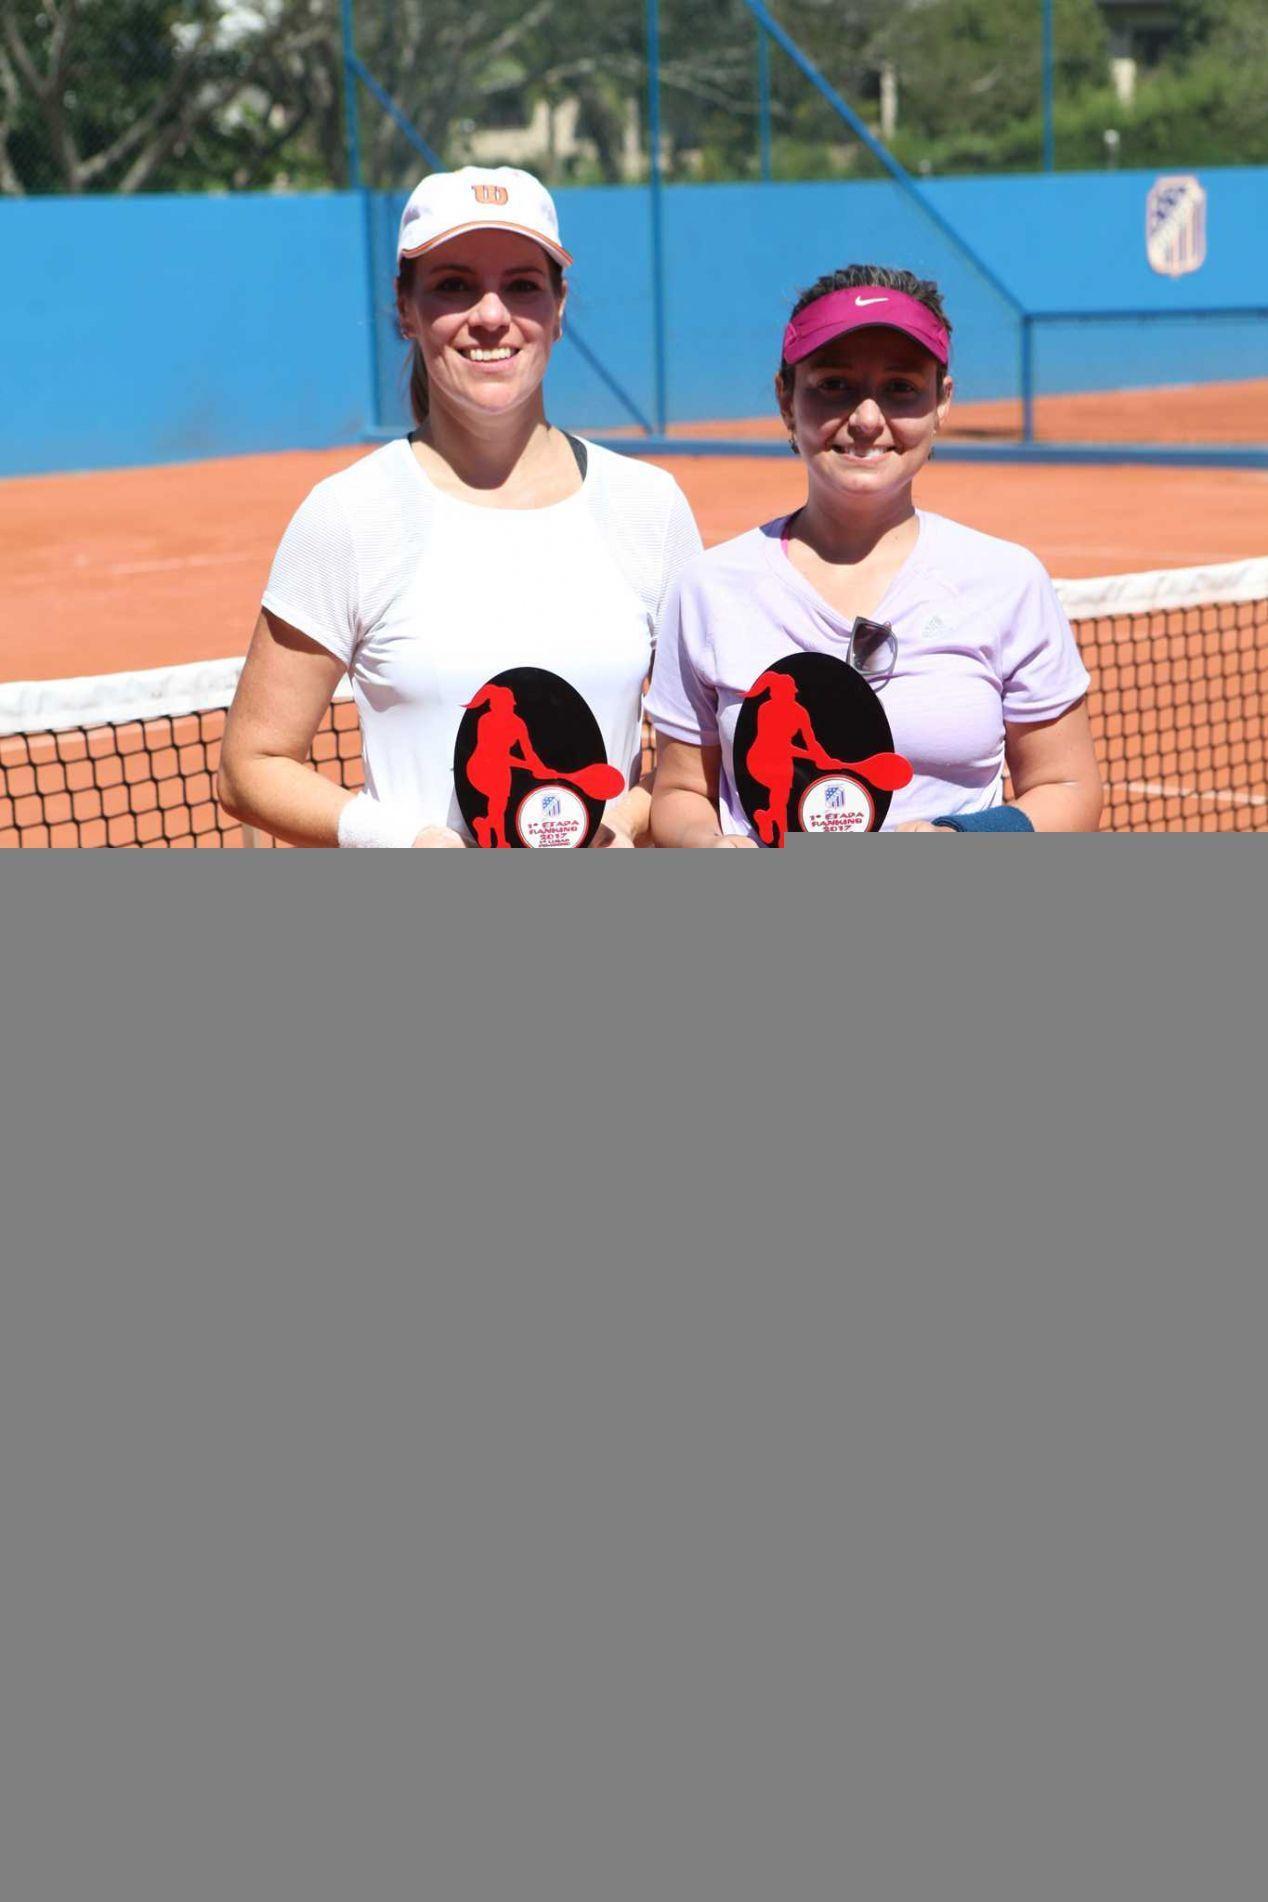 Andreia Piovesan e Caroline Bevilacqua, campeã e vice, respectivamente, do torneio.